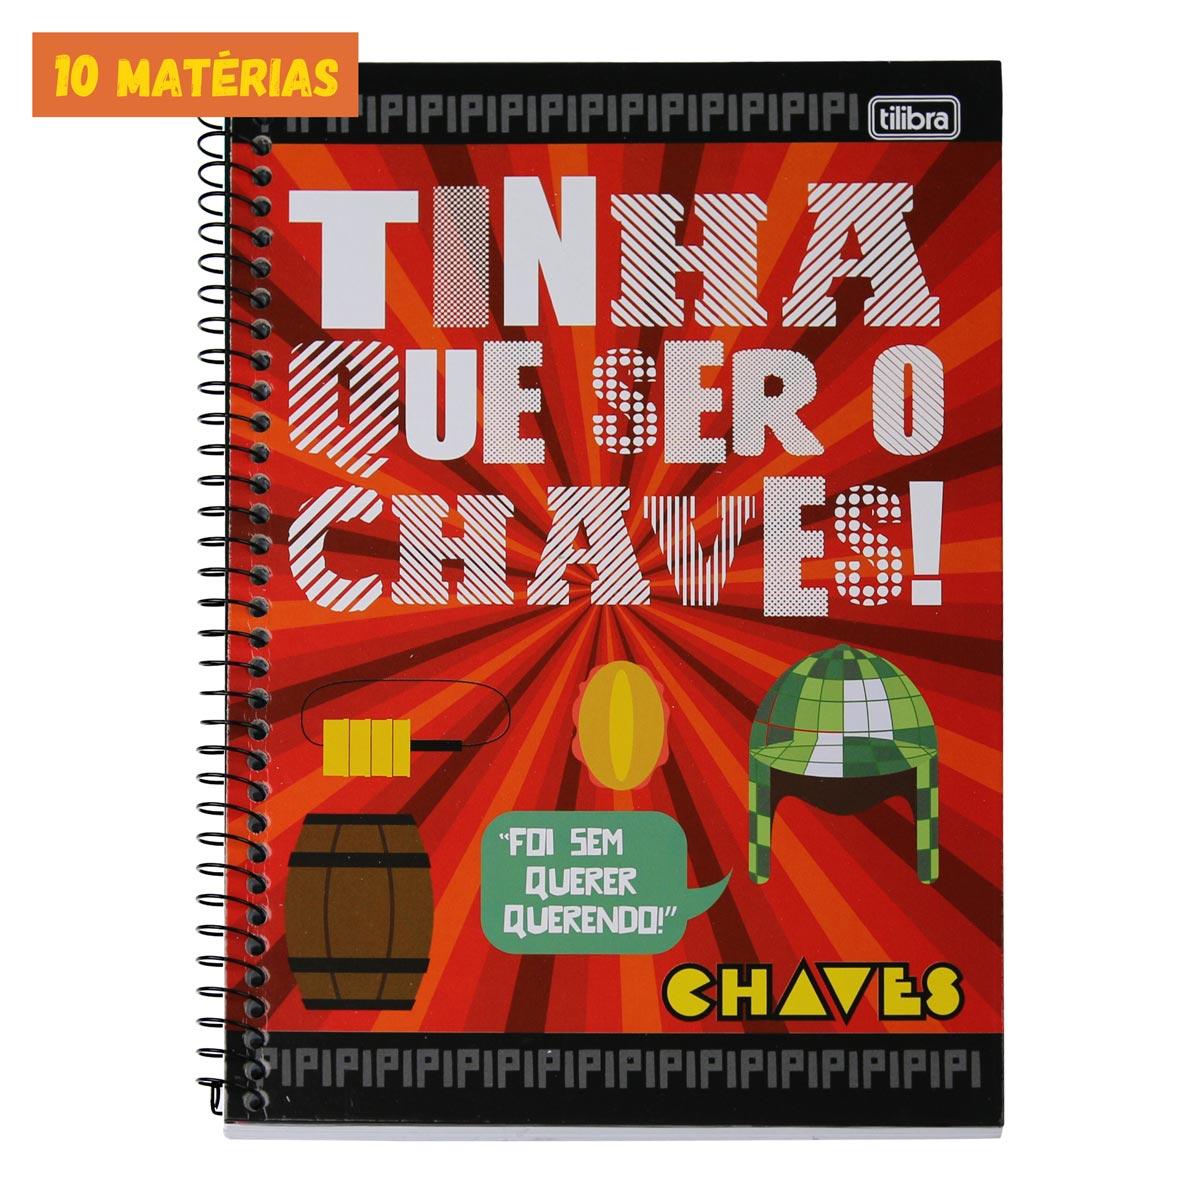 Caderno Chaves Foi Sem Querer Querendo 10 Mat�rias